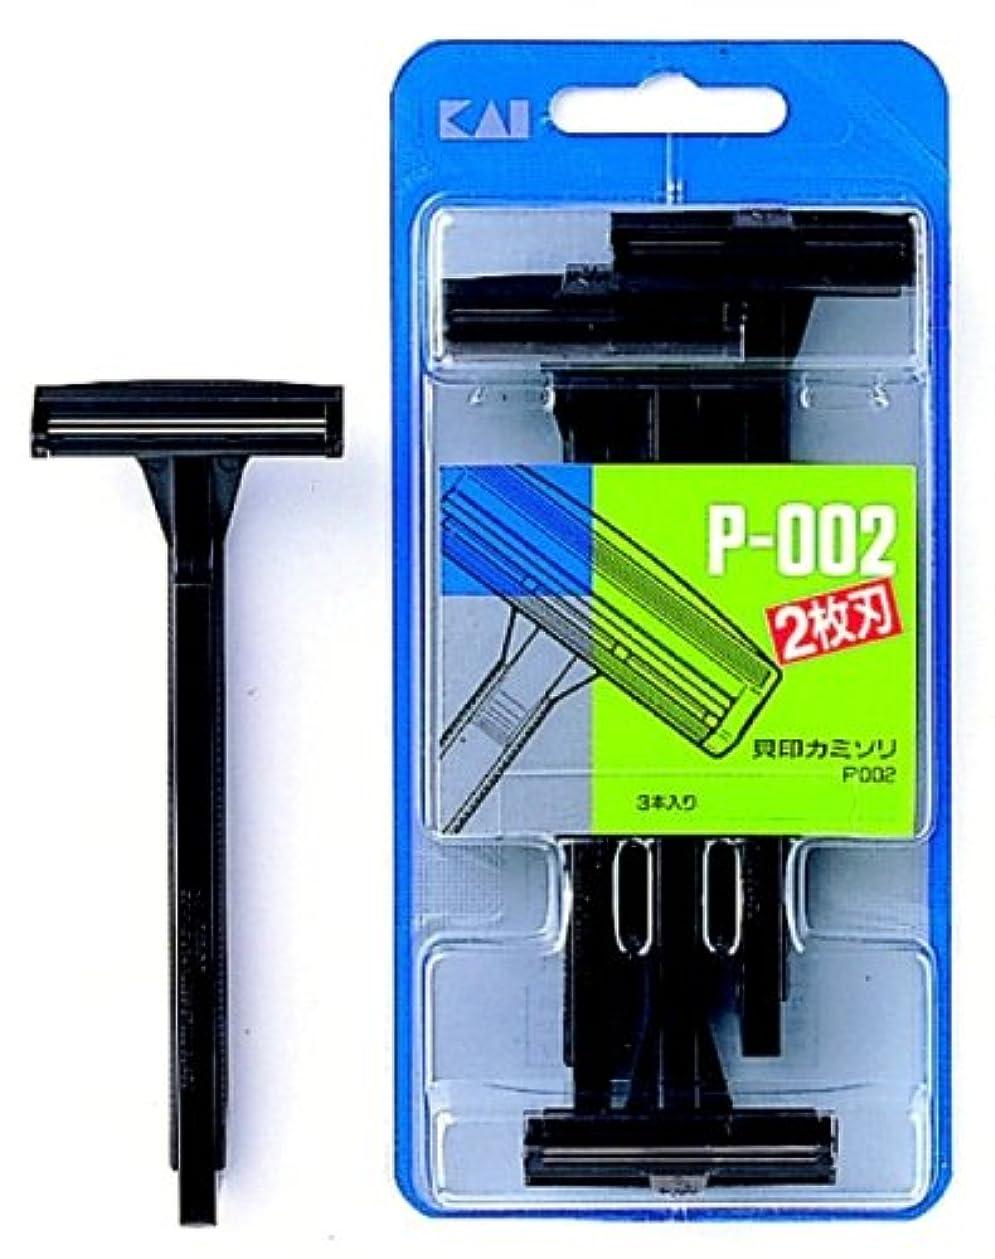 バン怒りノイズカミソリ P002 P002-3B